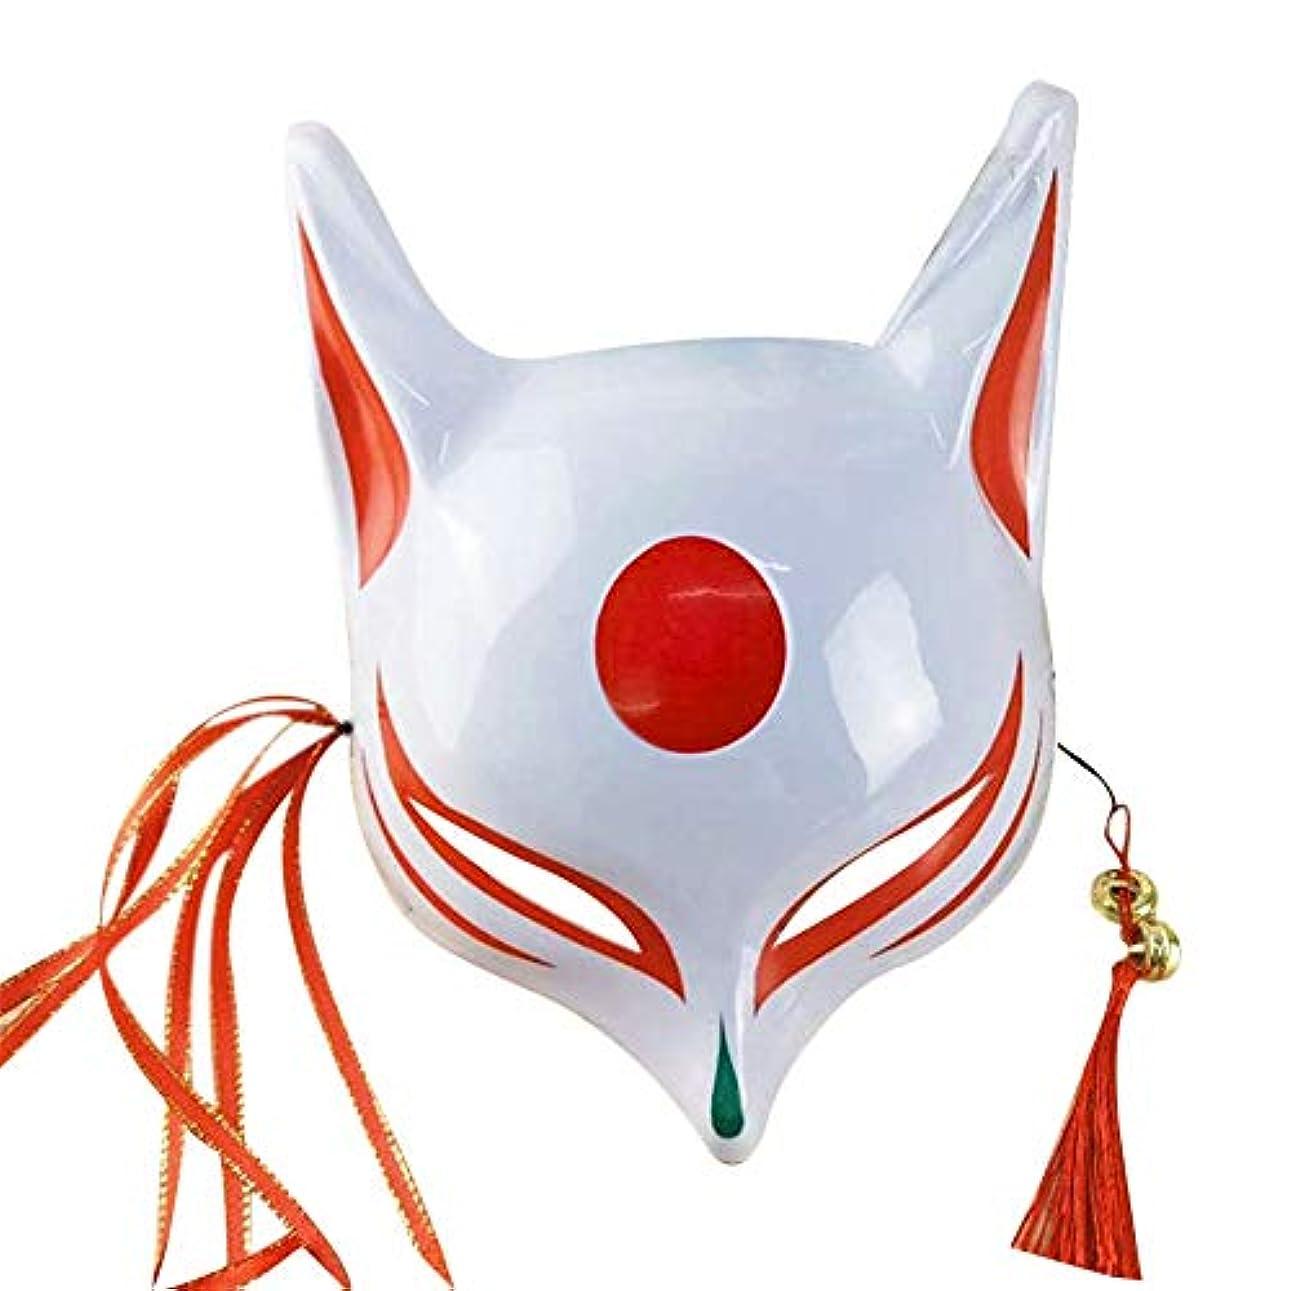 想起検索そこからKISSION手描きのマスクフォックスハーフフェイスマスクロールプレイ仮装ドレスアップ マスクバーパーティー キツネの妖精の半分の顔 和風の手描き